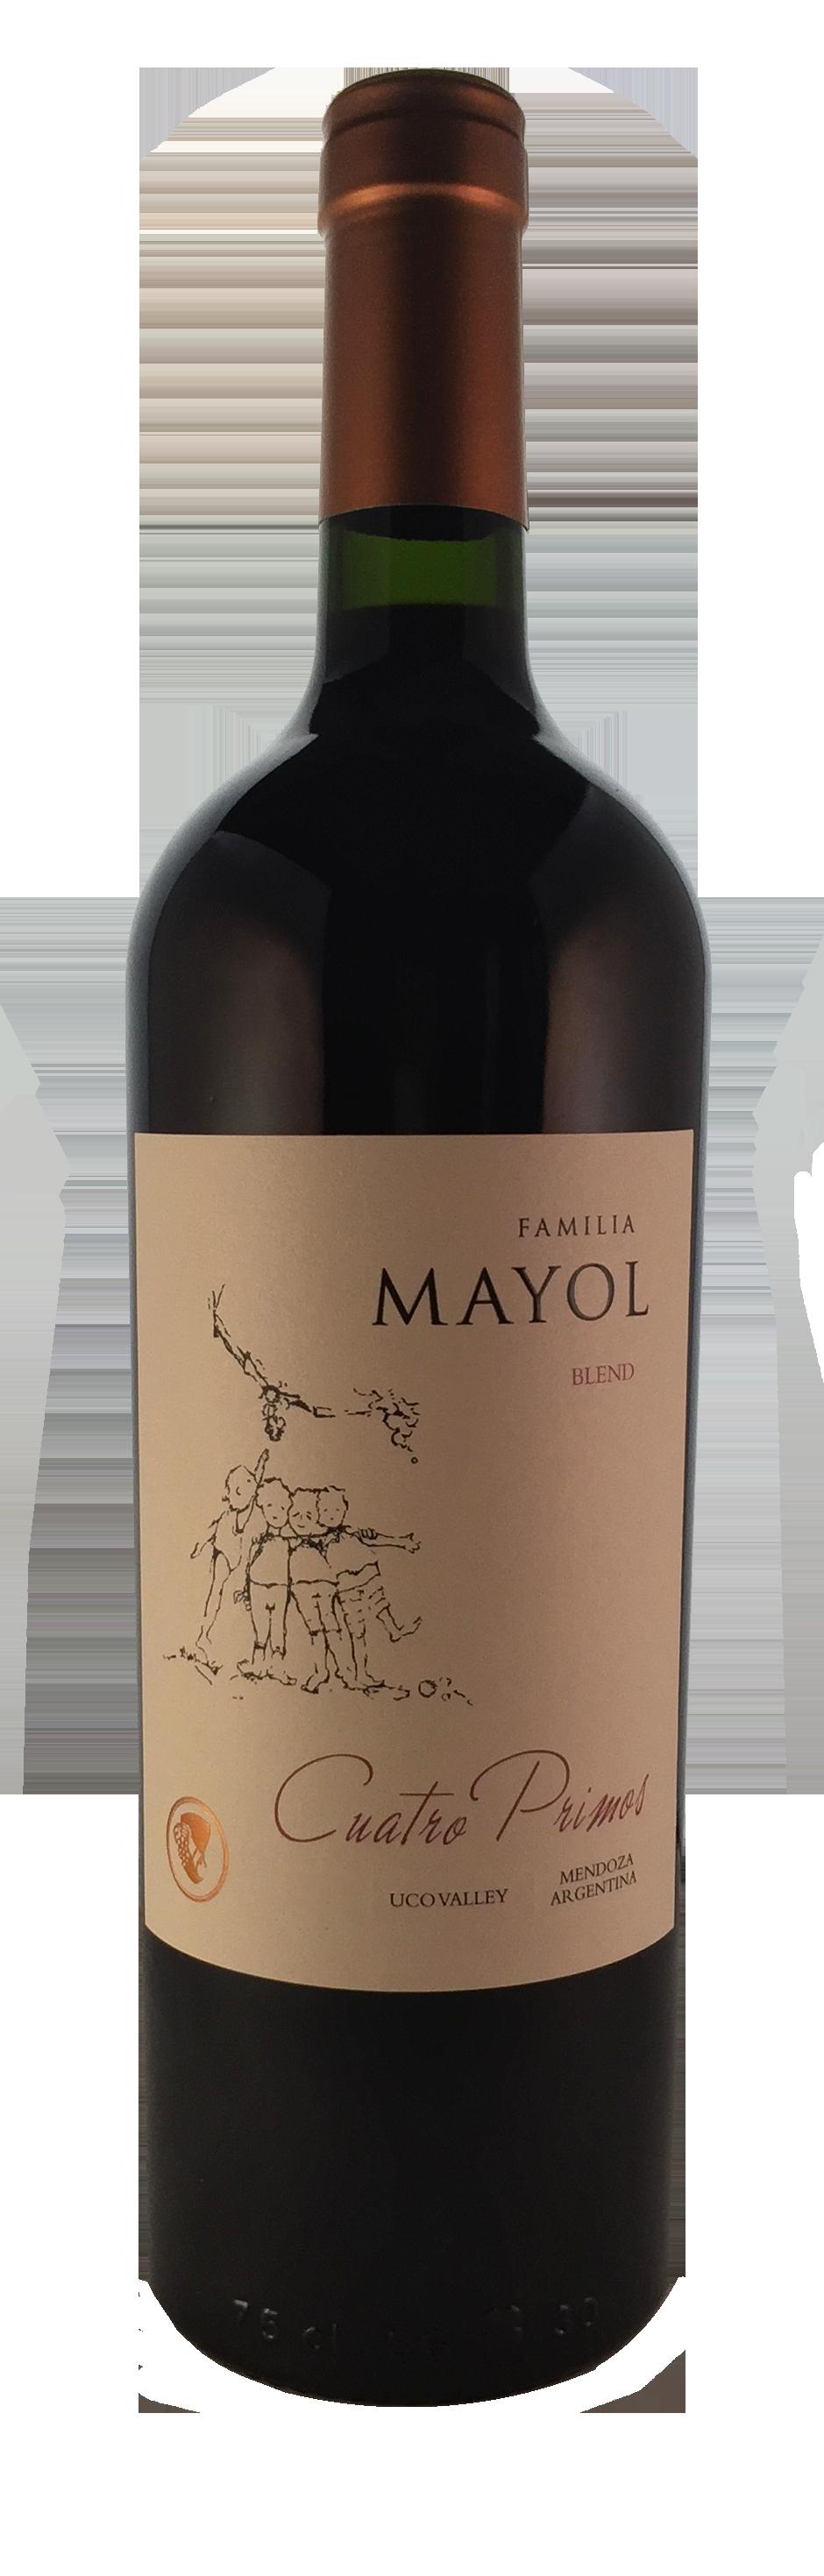 """Familia Mayol """"Cuatro Primos"""" Red Blend - 2017 Uco Valley Mendoza, Argentina"""